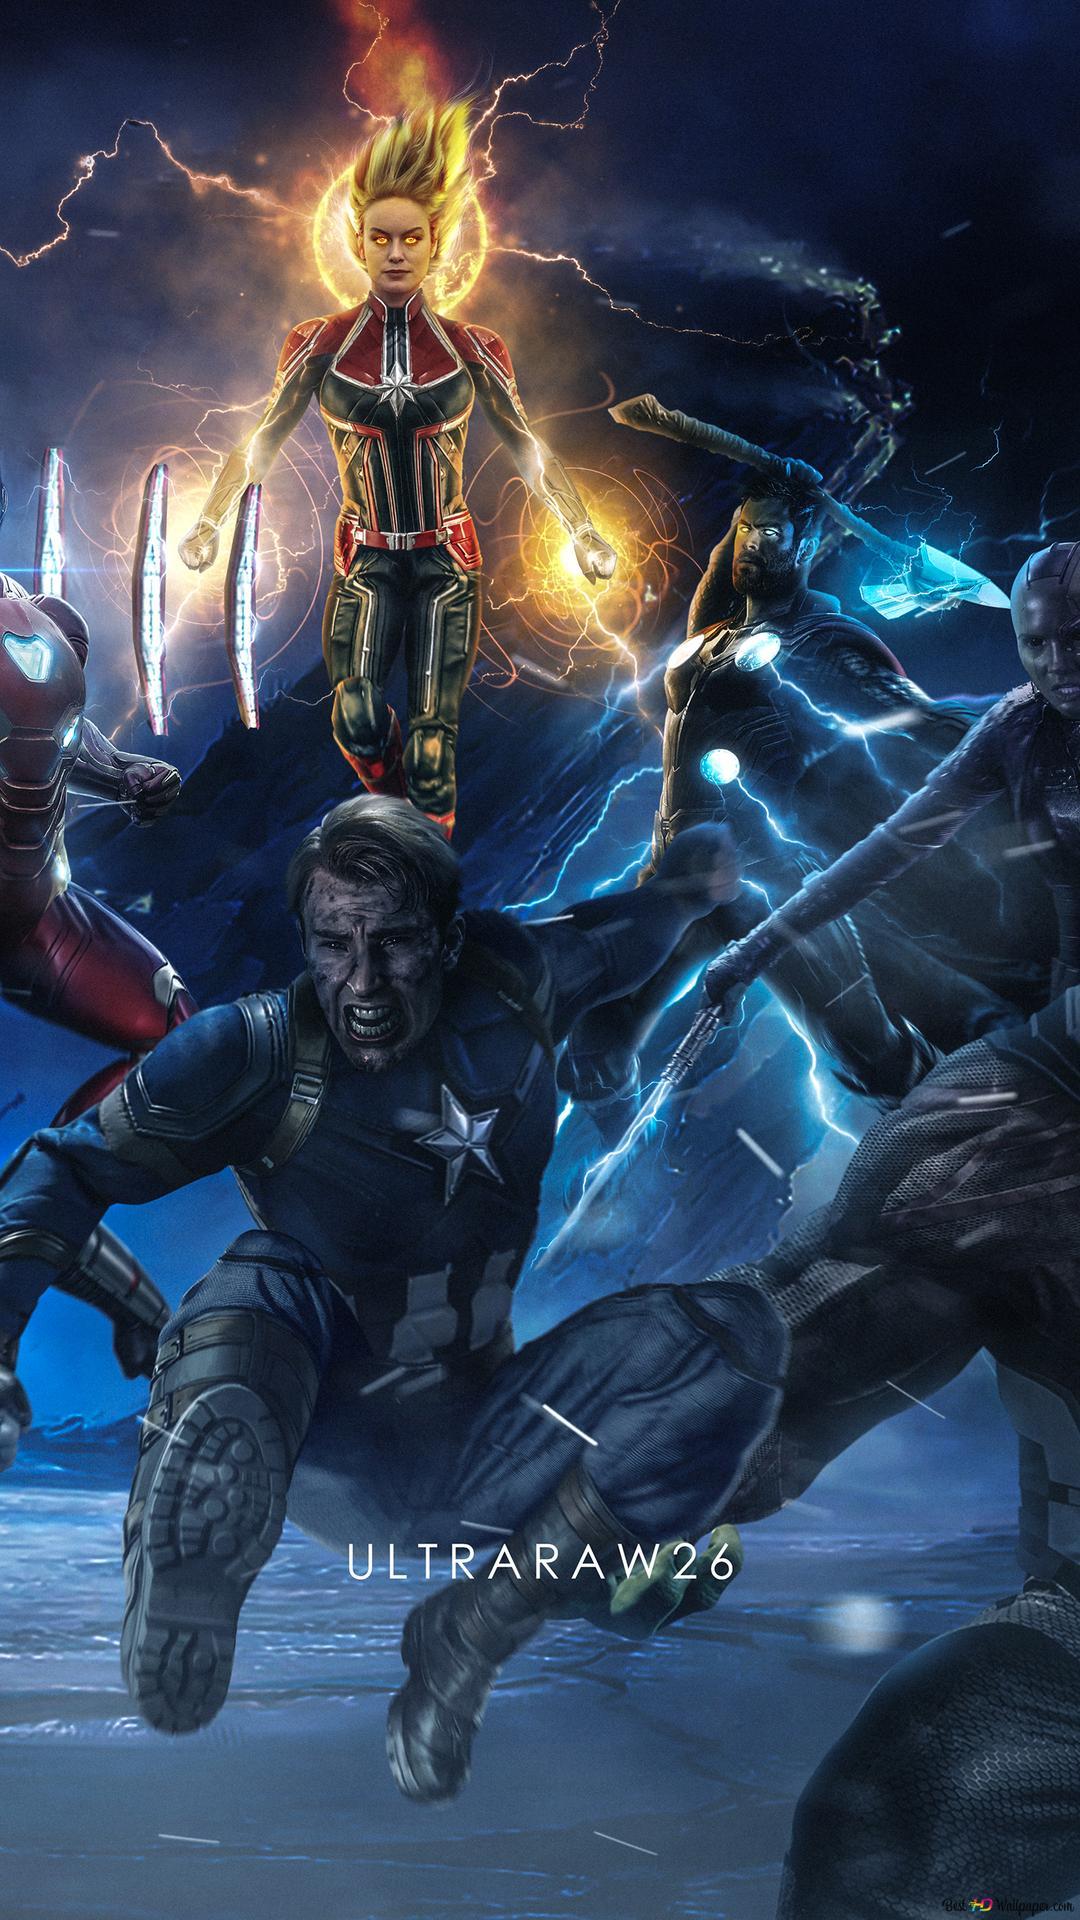 4k Tapete Avengers Endgame 4k Hd Wallpaper